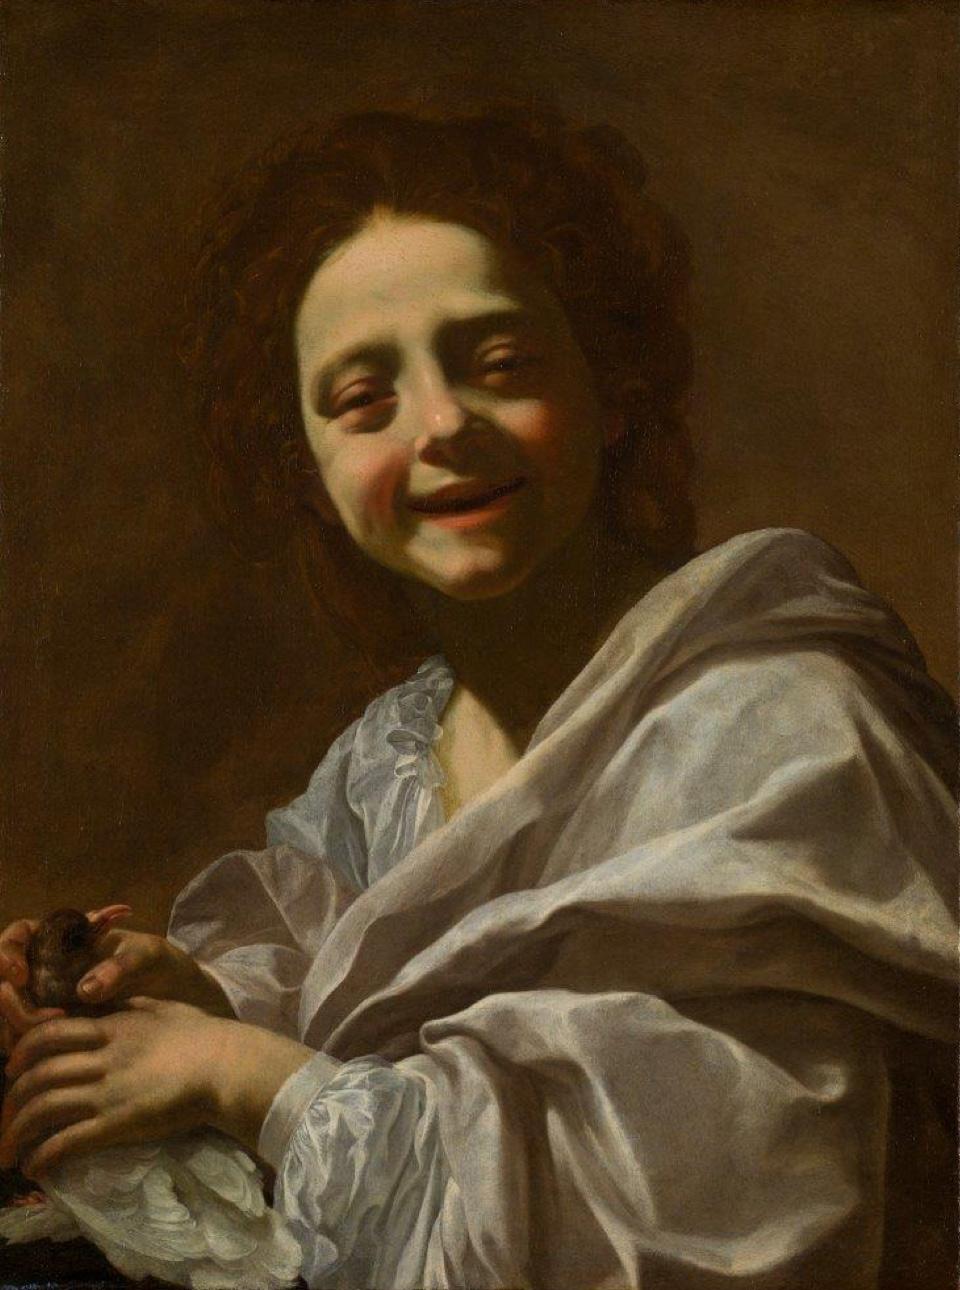 Prado, se hai 5 euro puoi aiutare il museo ad acquistare un dipinto di Simon Vouet